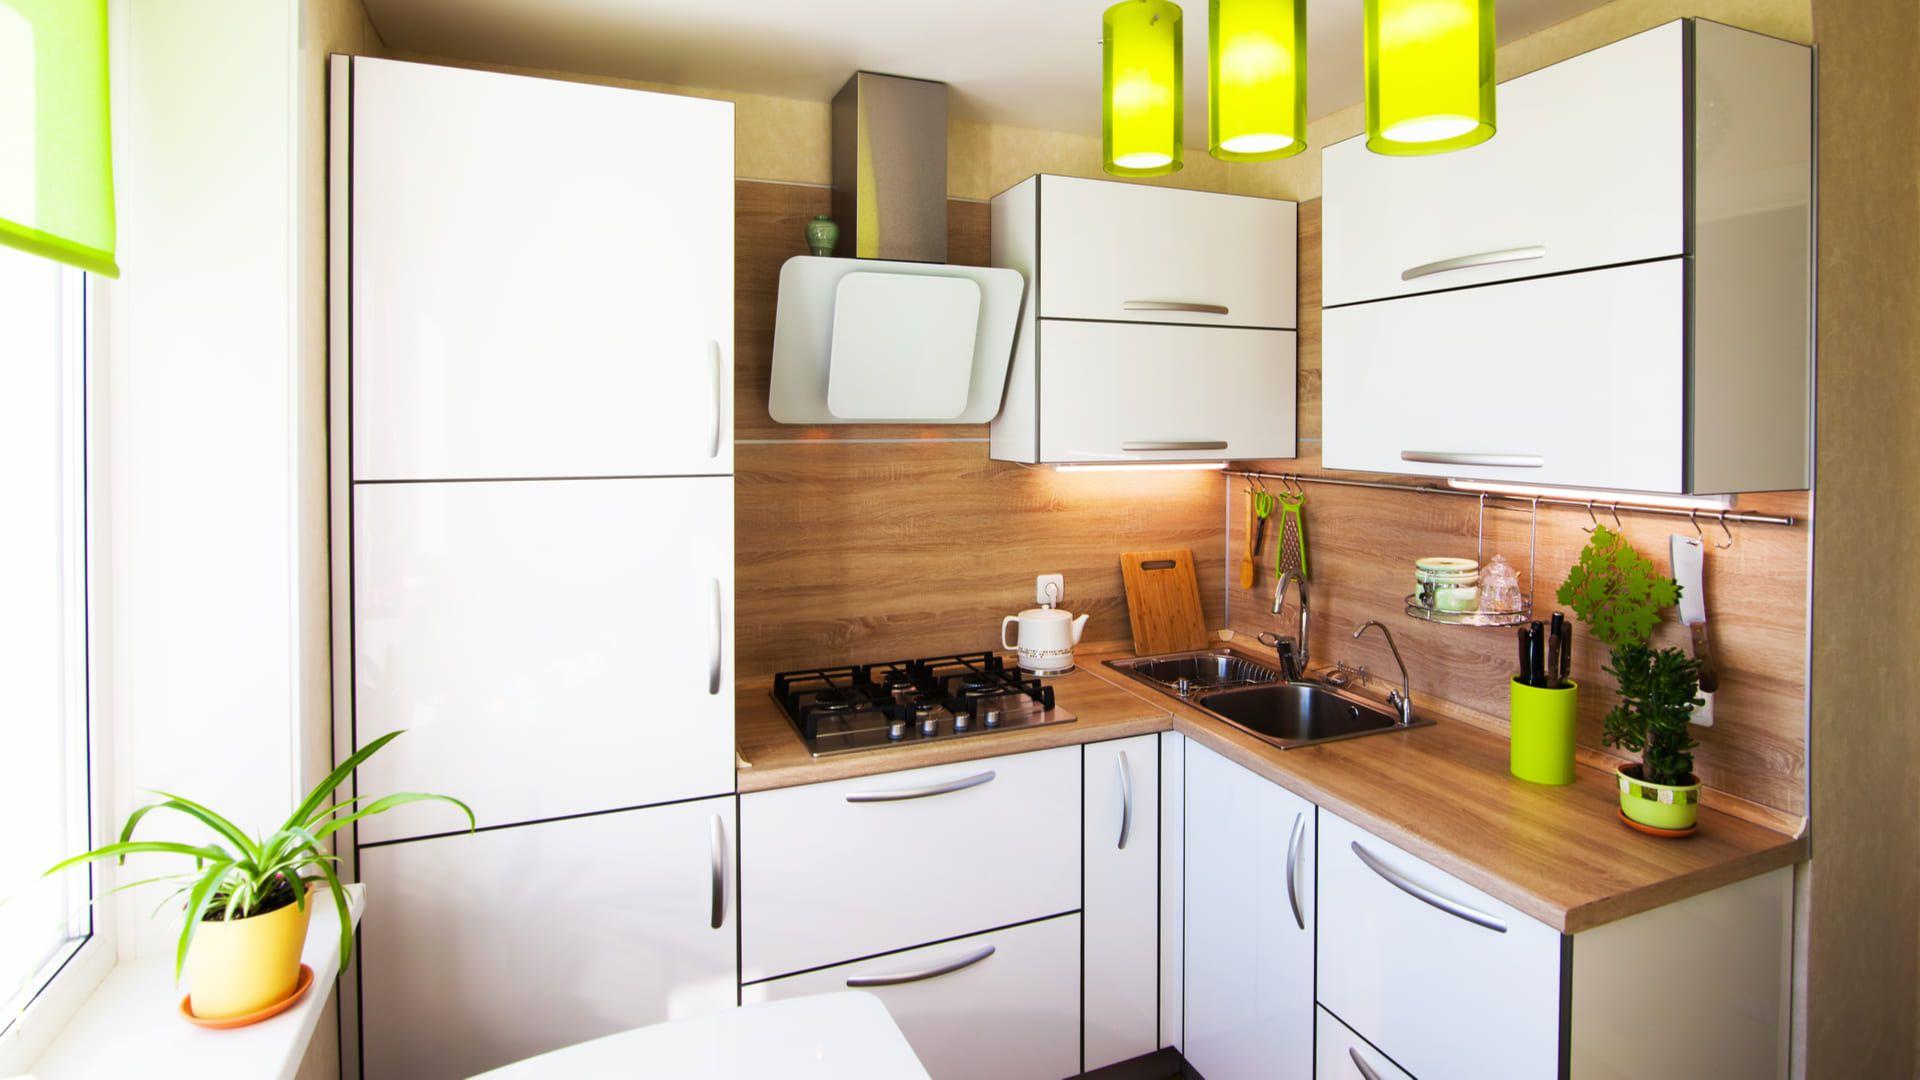 Veja ideias para montar a sua cozinha planejada pequena (Foto: Shutterstock)